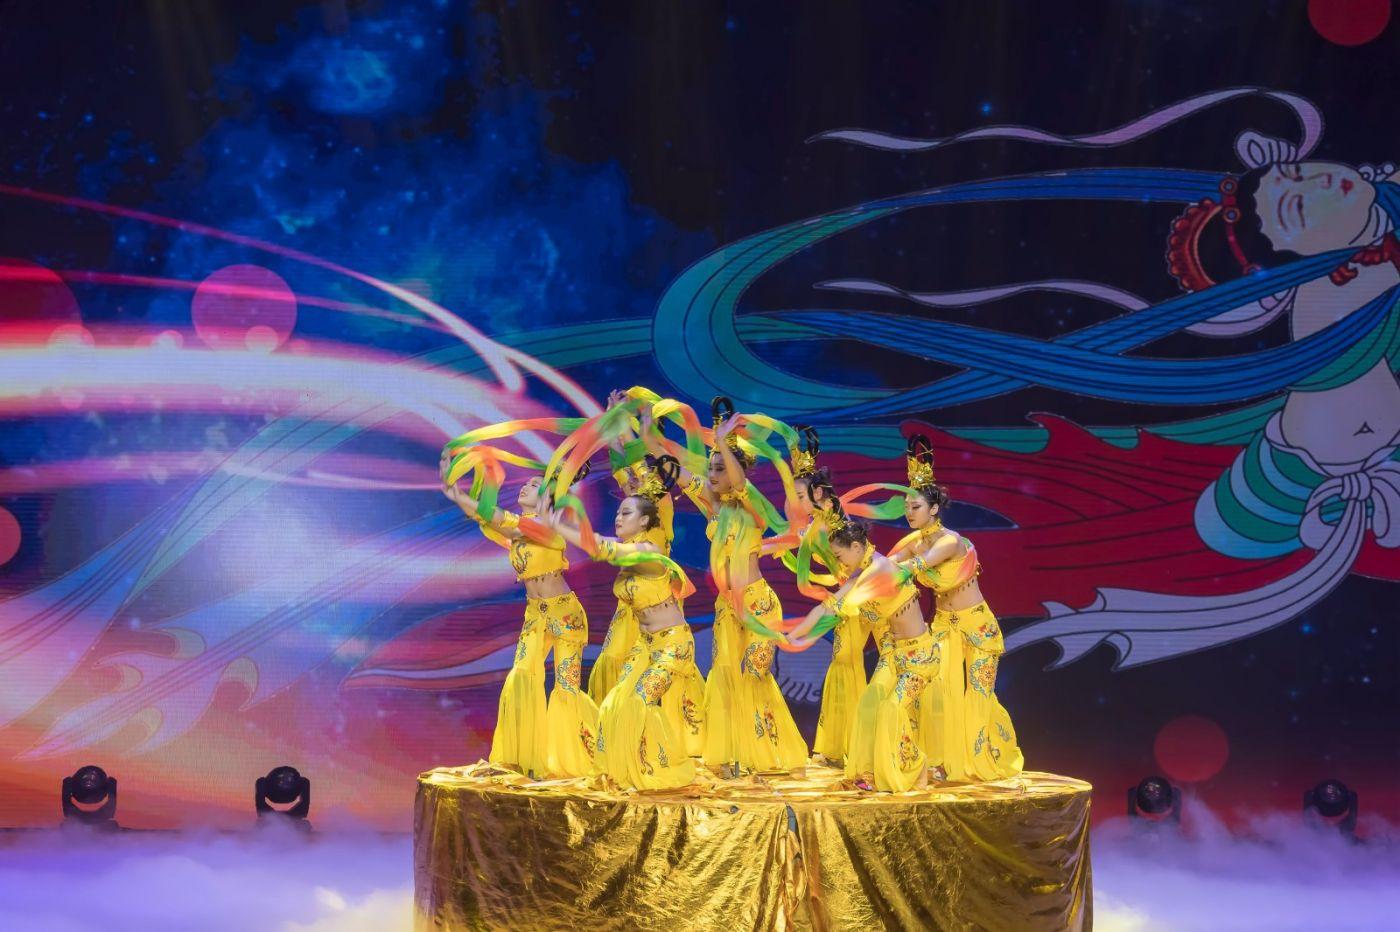 沂蒙大地上 有一种舞蹈叫飞天 这是几位临沂女孩的杰作 美轮美奂 ..._图1-55